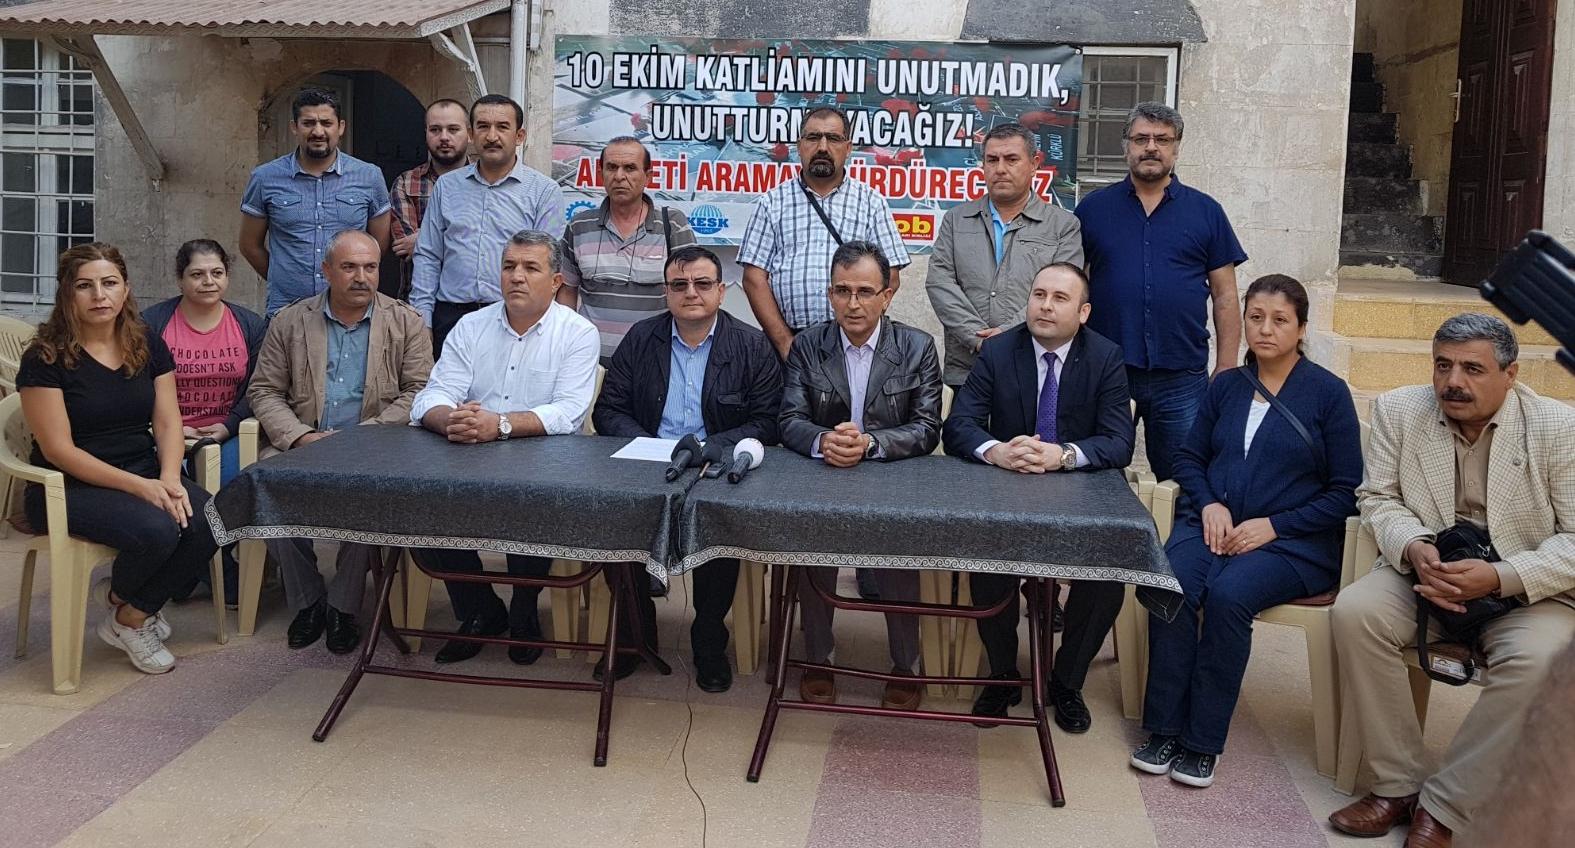 Ankara Garı Patlamasında Adaleti Aramayı Sürdüreceğiz